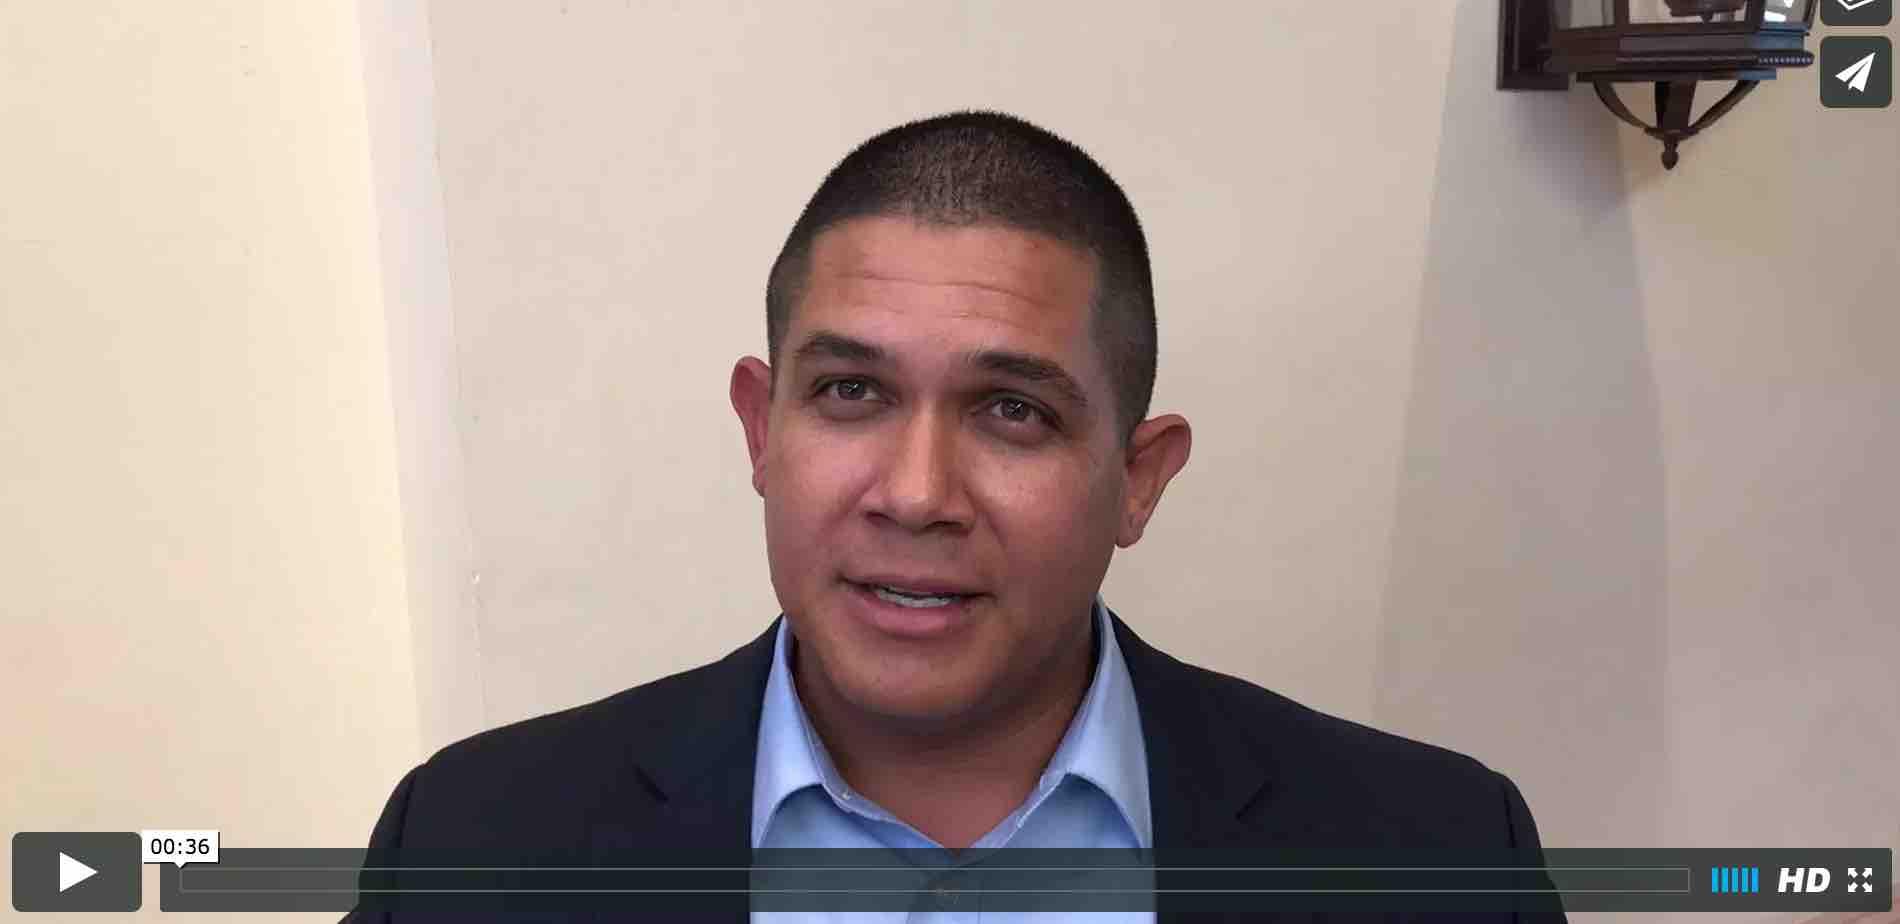 ivan_leger_testimonial_keynote_speaker_wes_schaeffer_the_sales_whisperer.jpg